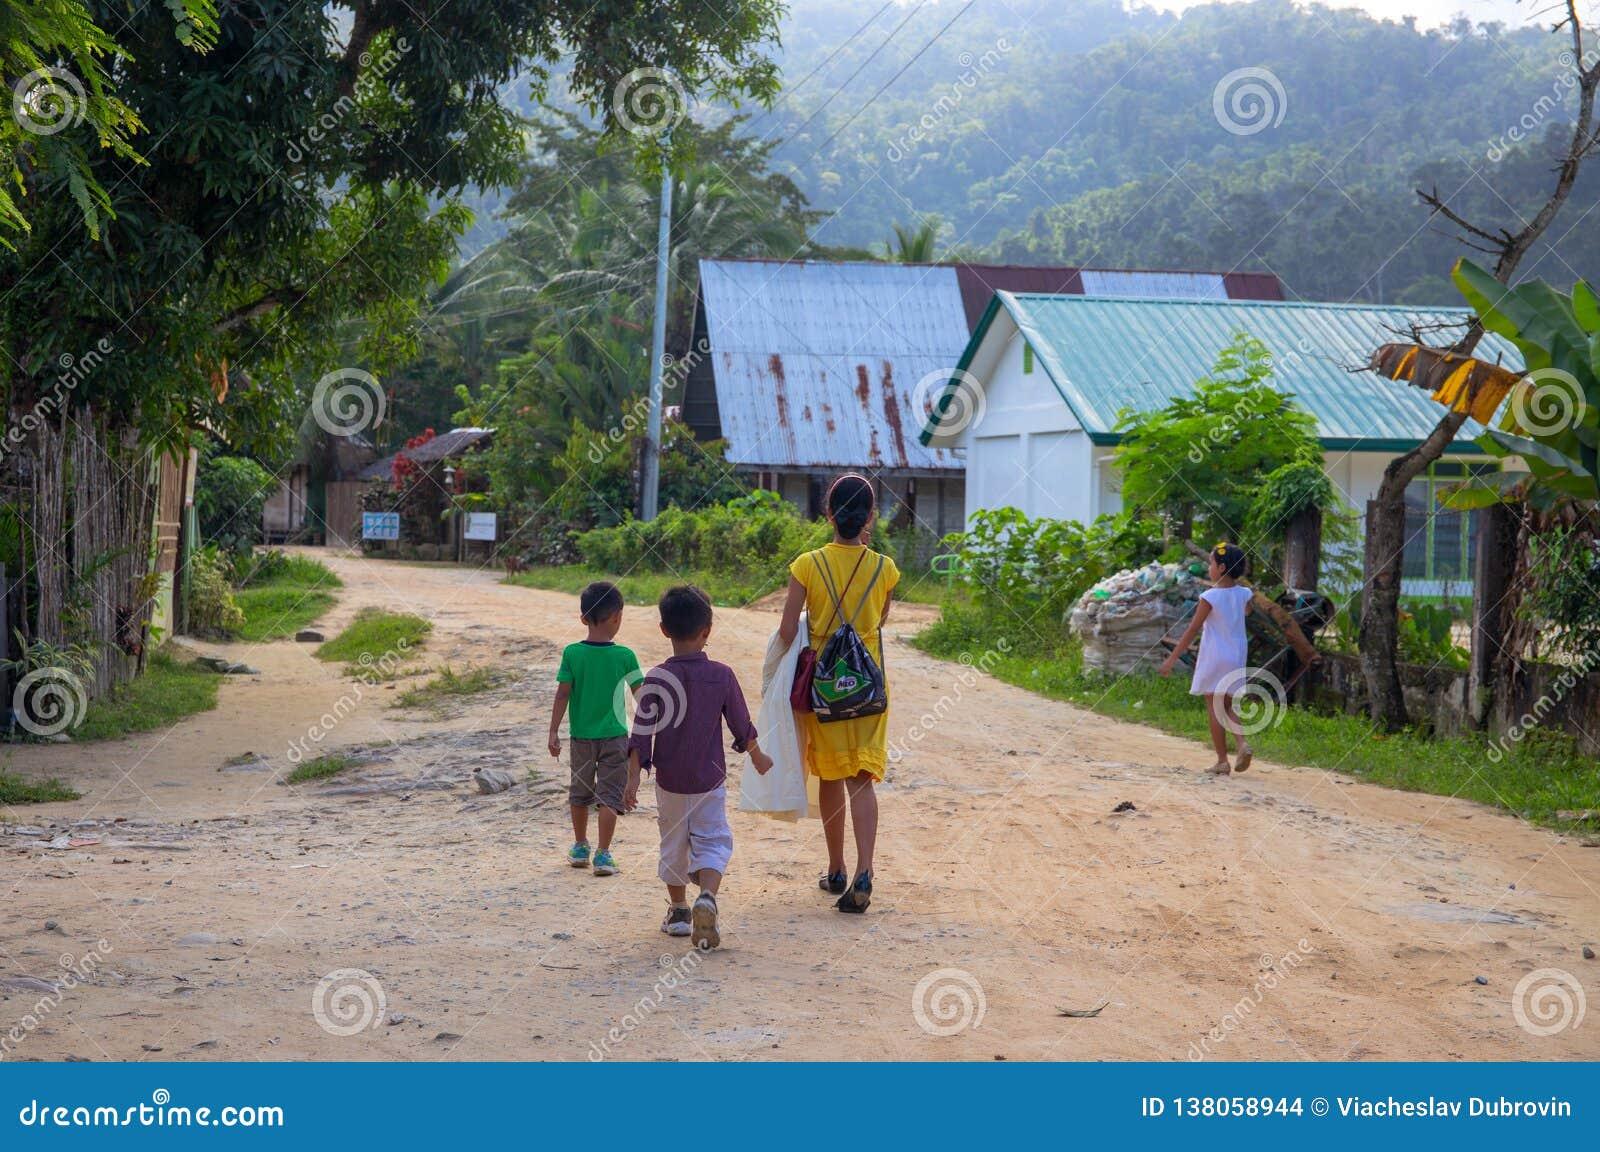 Port-Barton, Philippinen - 23. November 2018: Frau und Kinder auf staubiger Straße Filippino-Familie auf rustikaler Dorfstraße